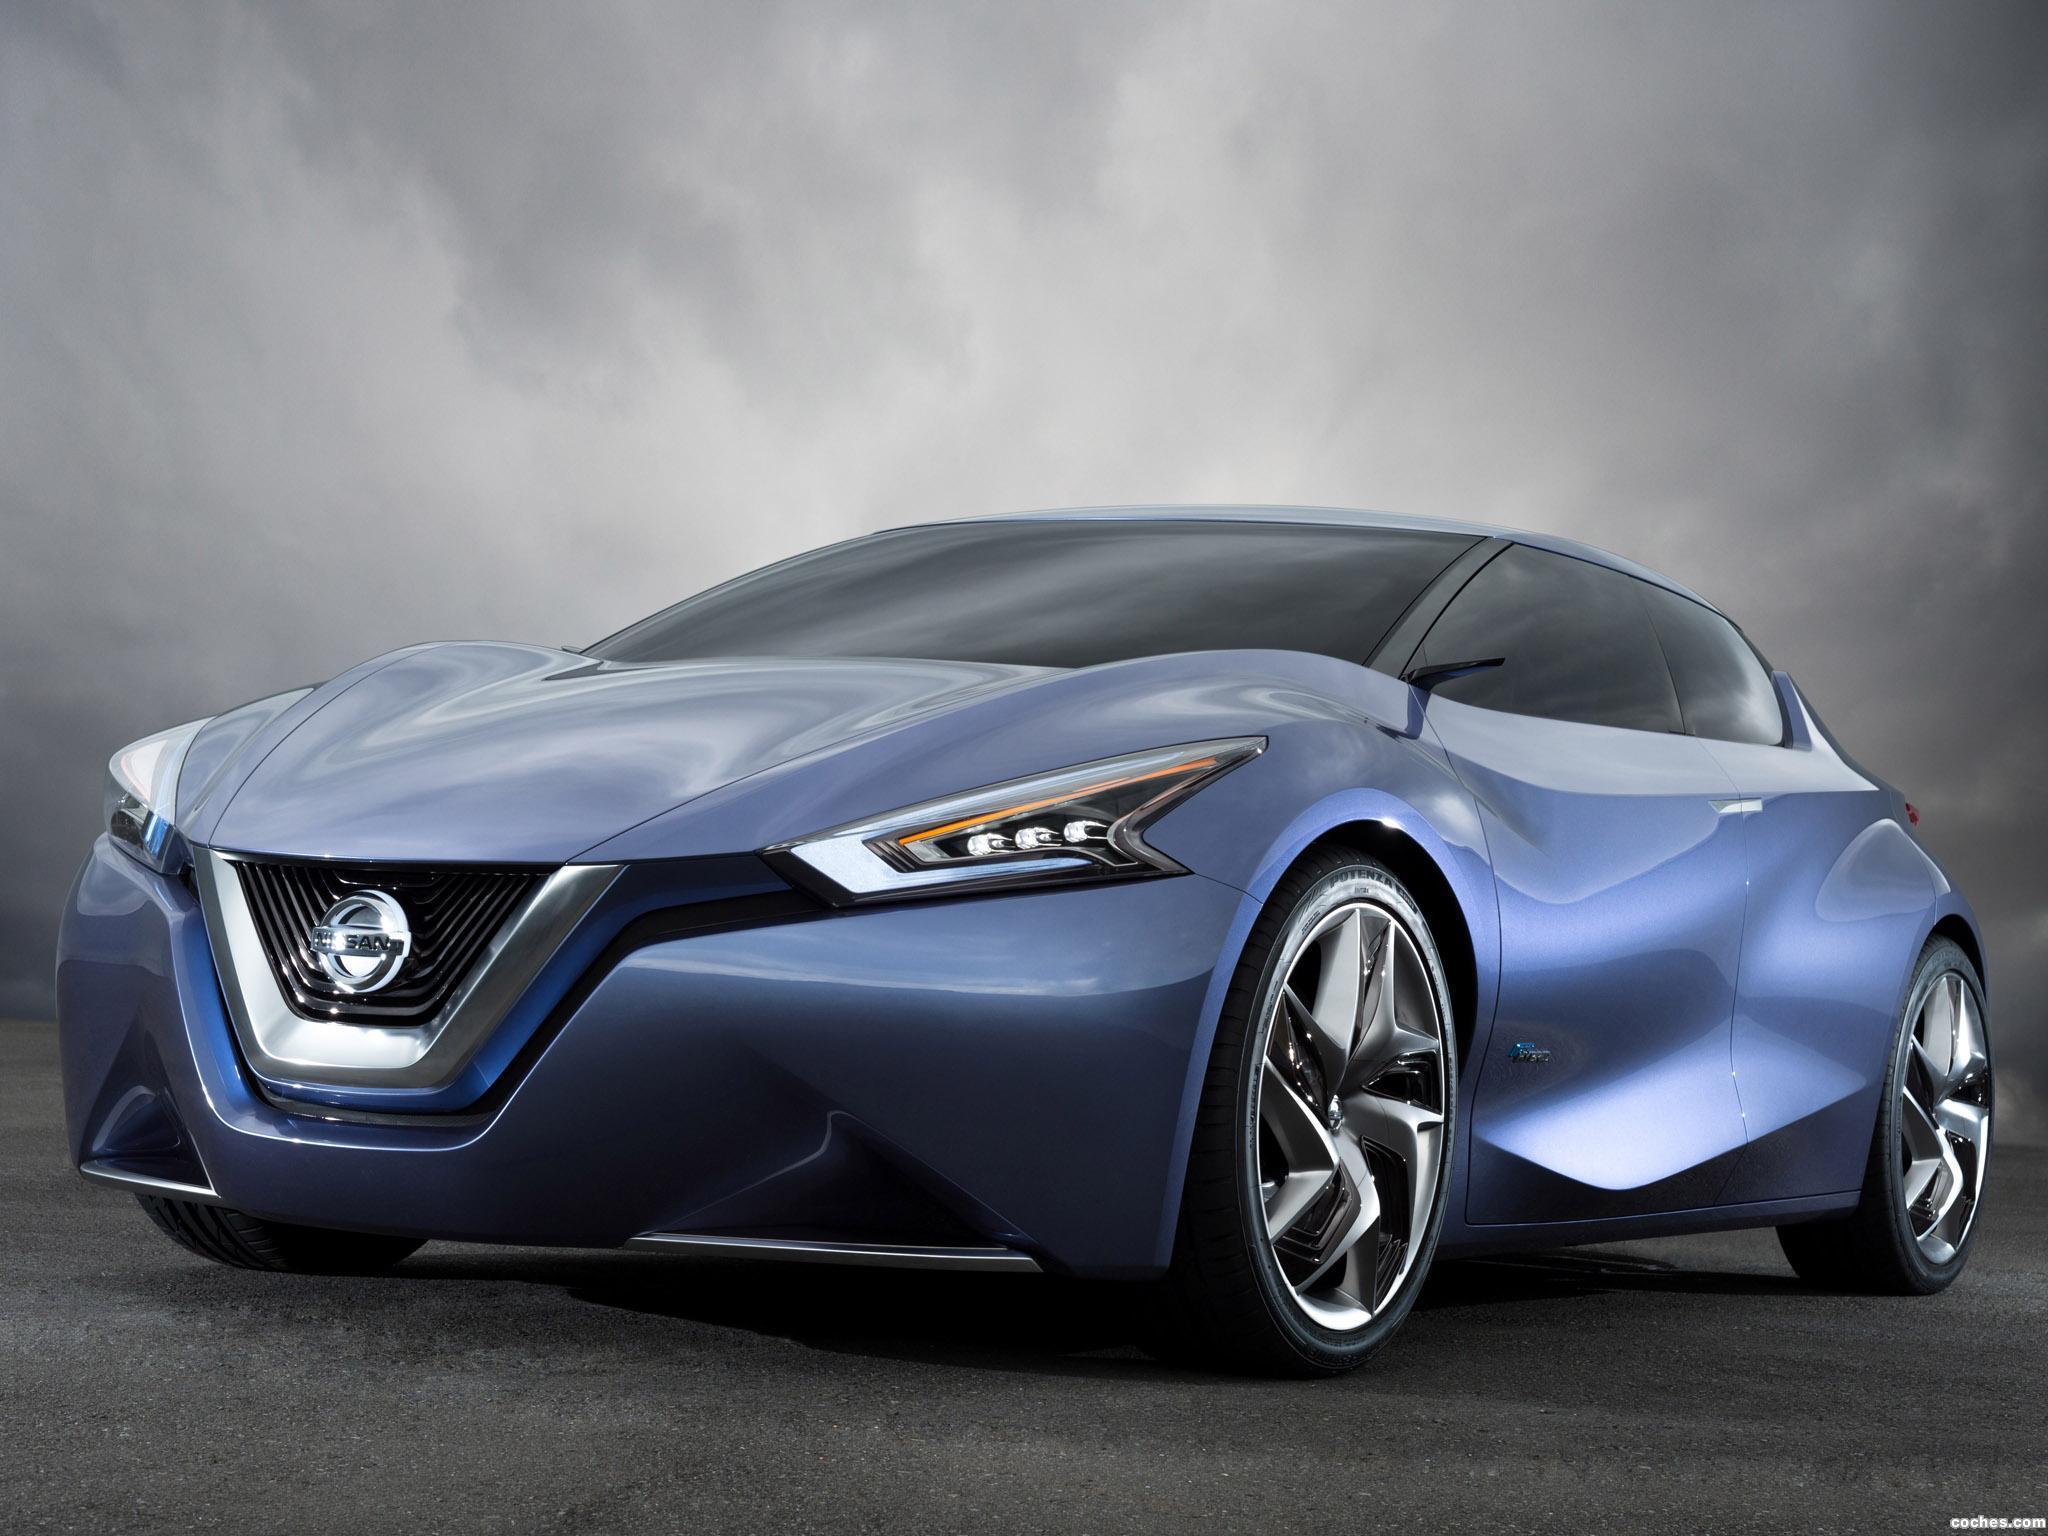 Foto 1 de Nissan Friend-ME Concept 2013